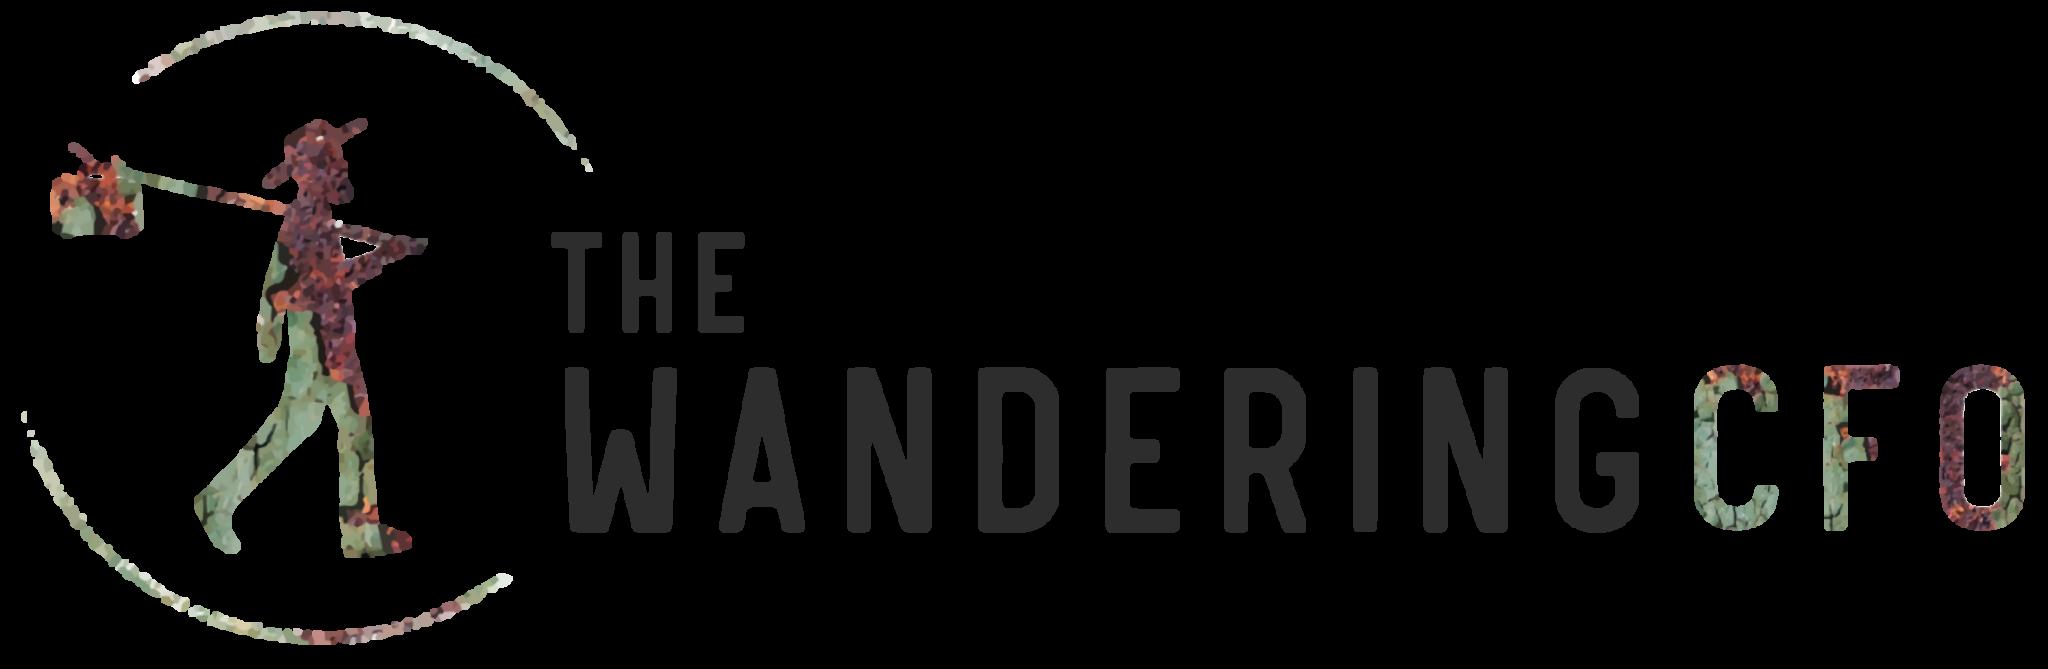 The Wandering CFO